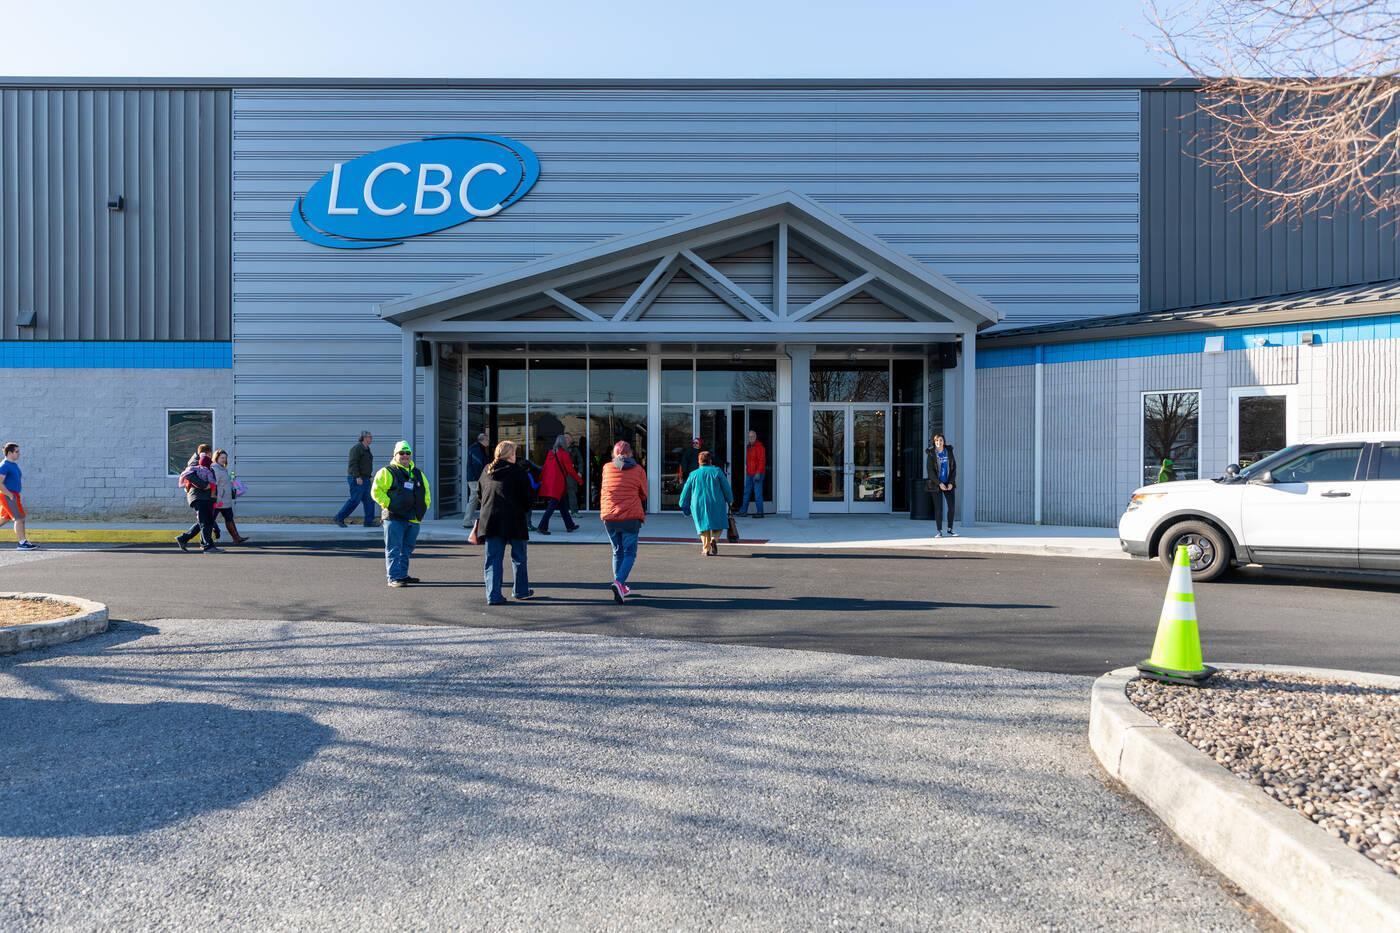 LCBC West Shore